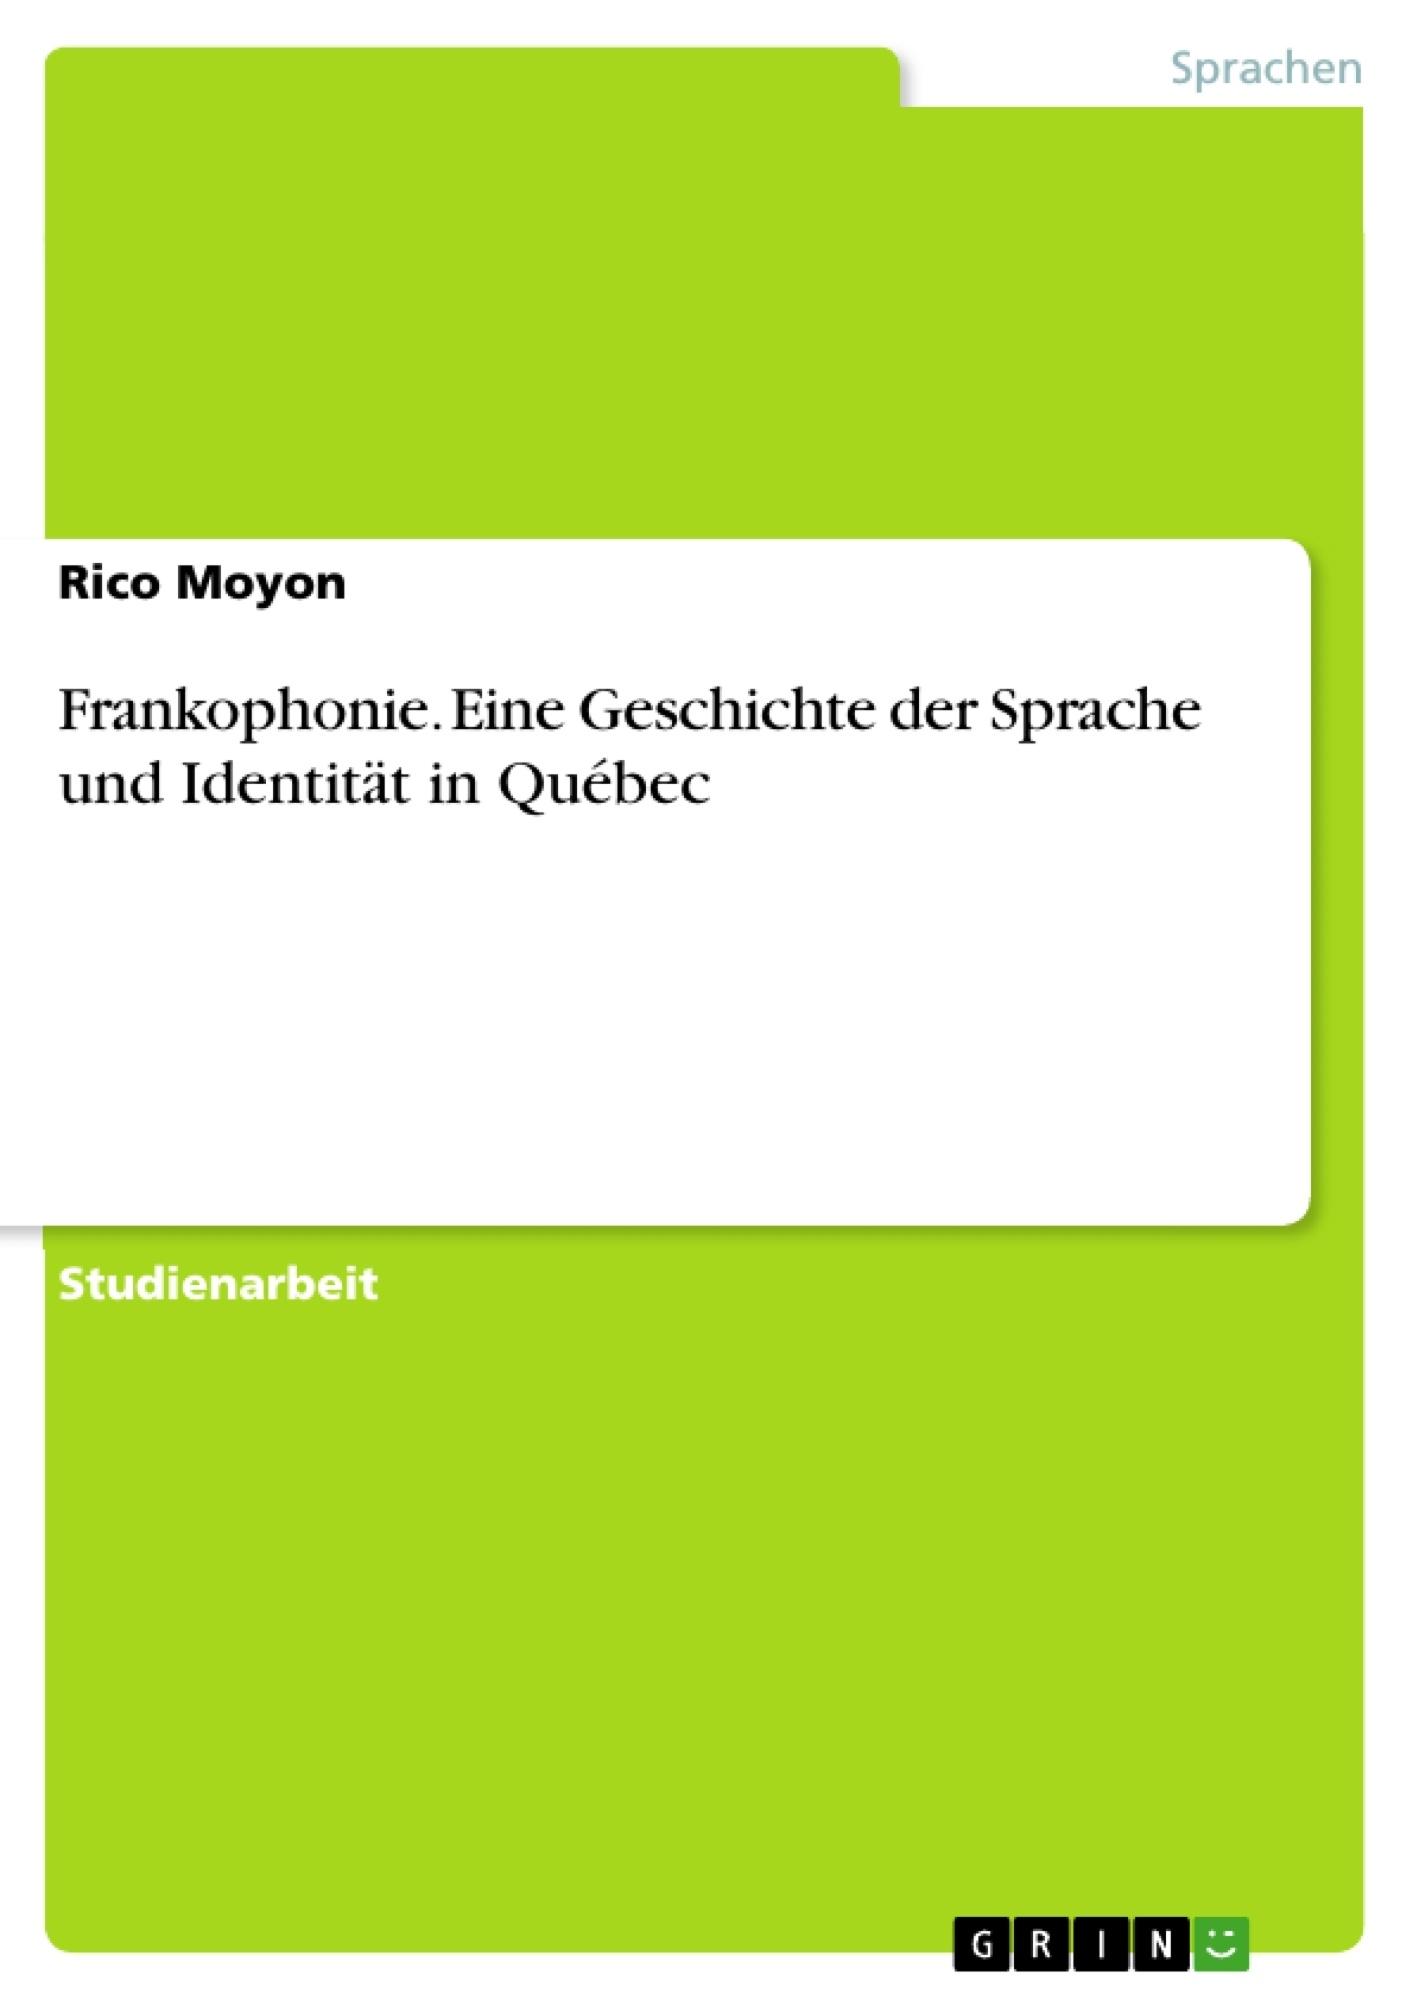 Titel: Frankophonie. Eine Geschichte der Sprache und Identität in Québec